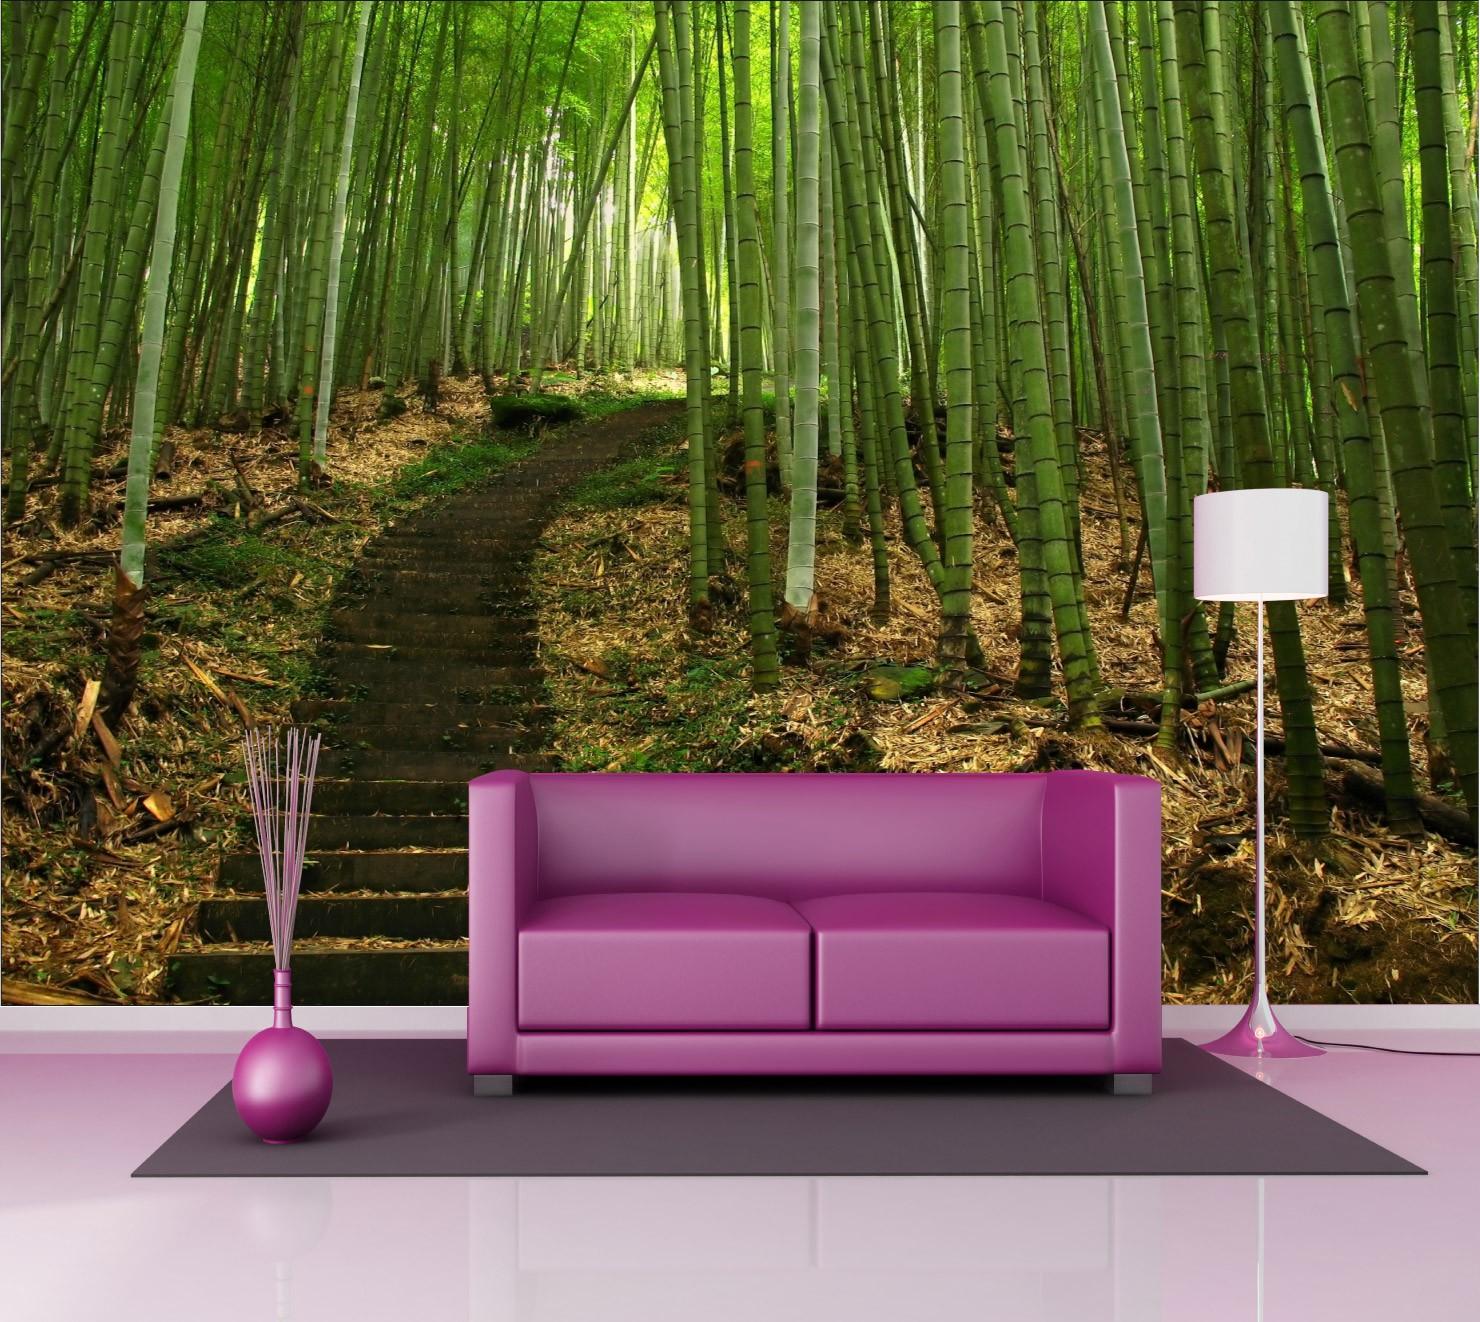 deco en bambou fashion designs. Black Bedroom Furniture Sets. Home Design Ideas